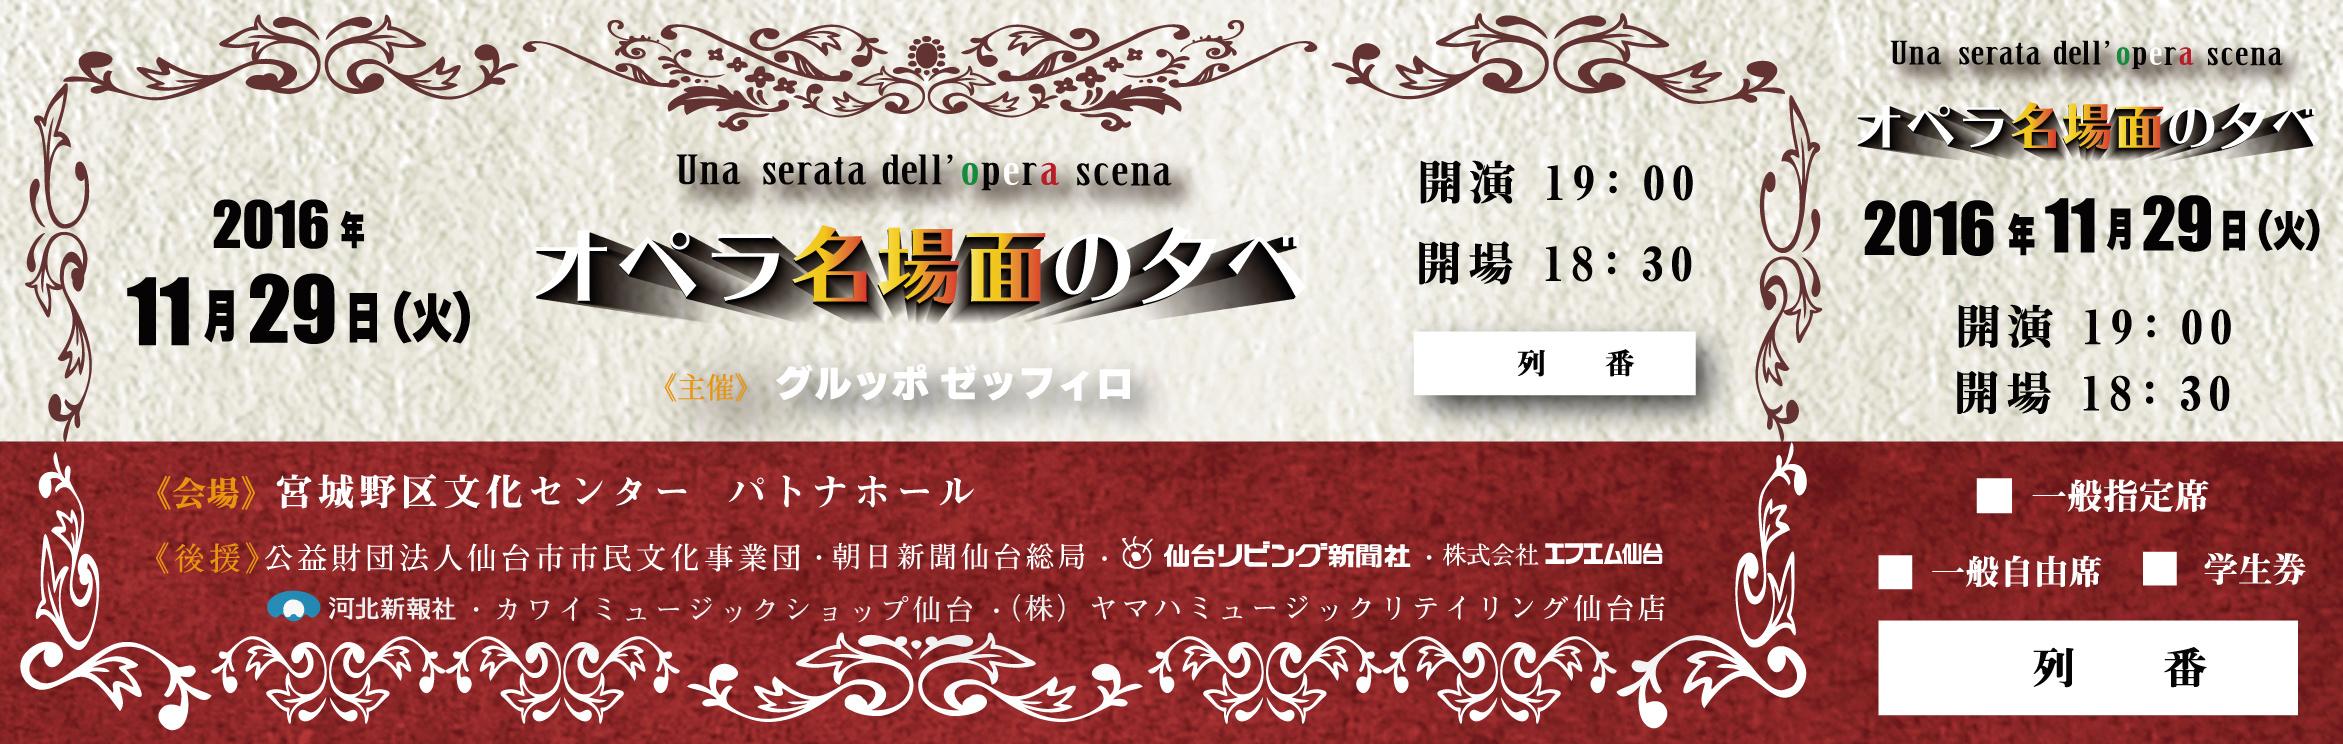 オペラ名場面の夕べ チケットデザイン